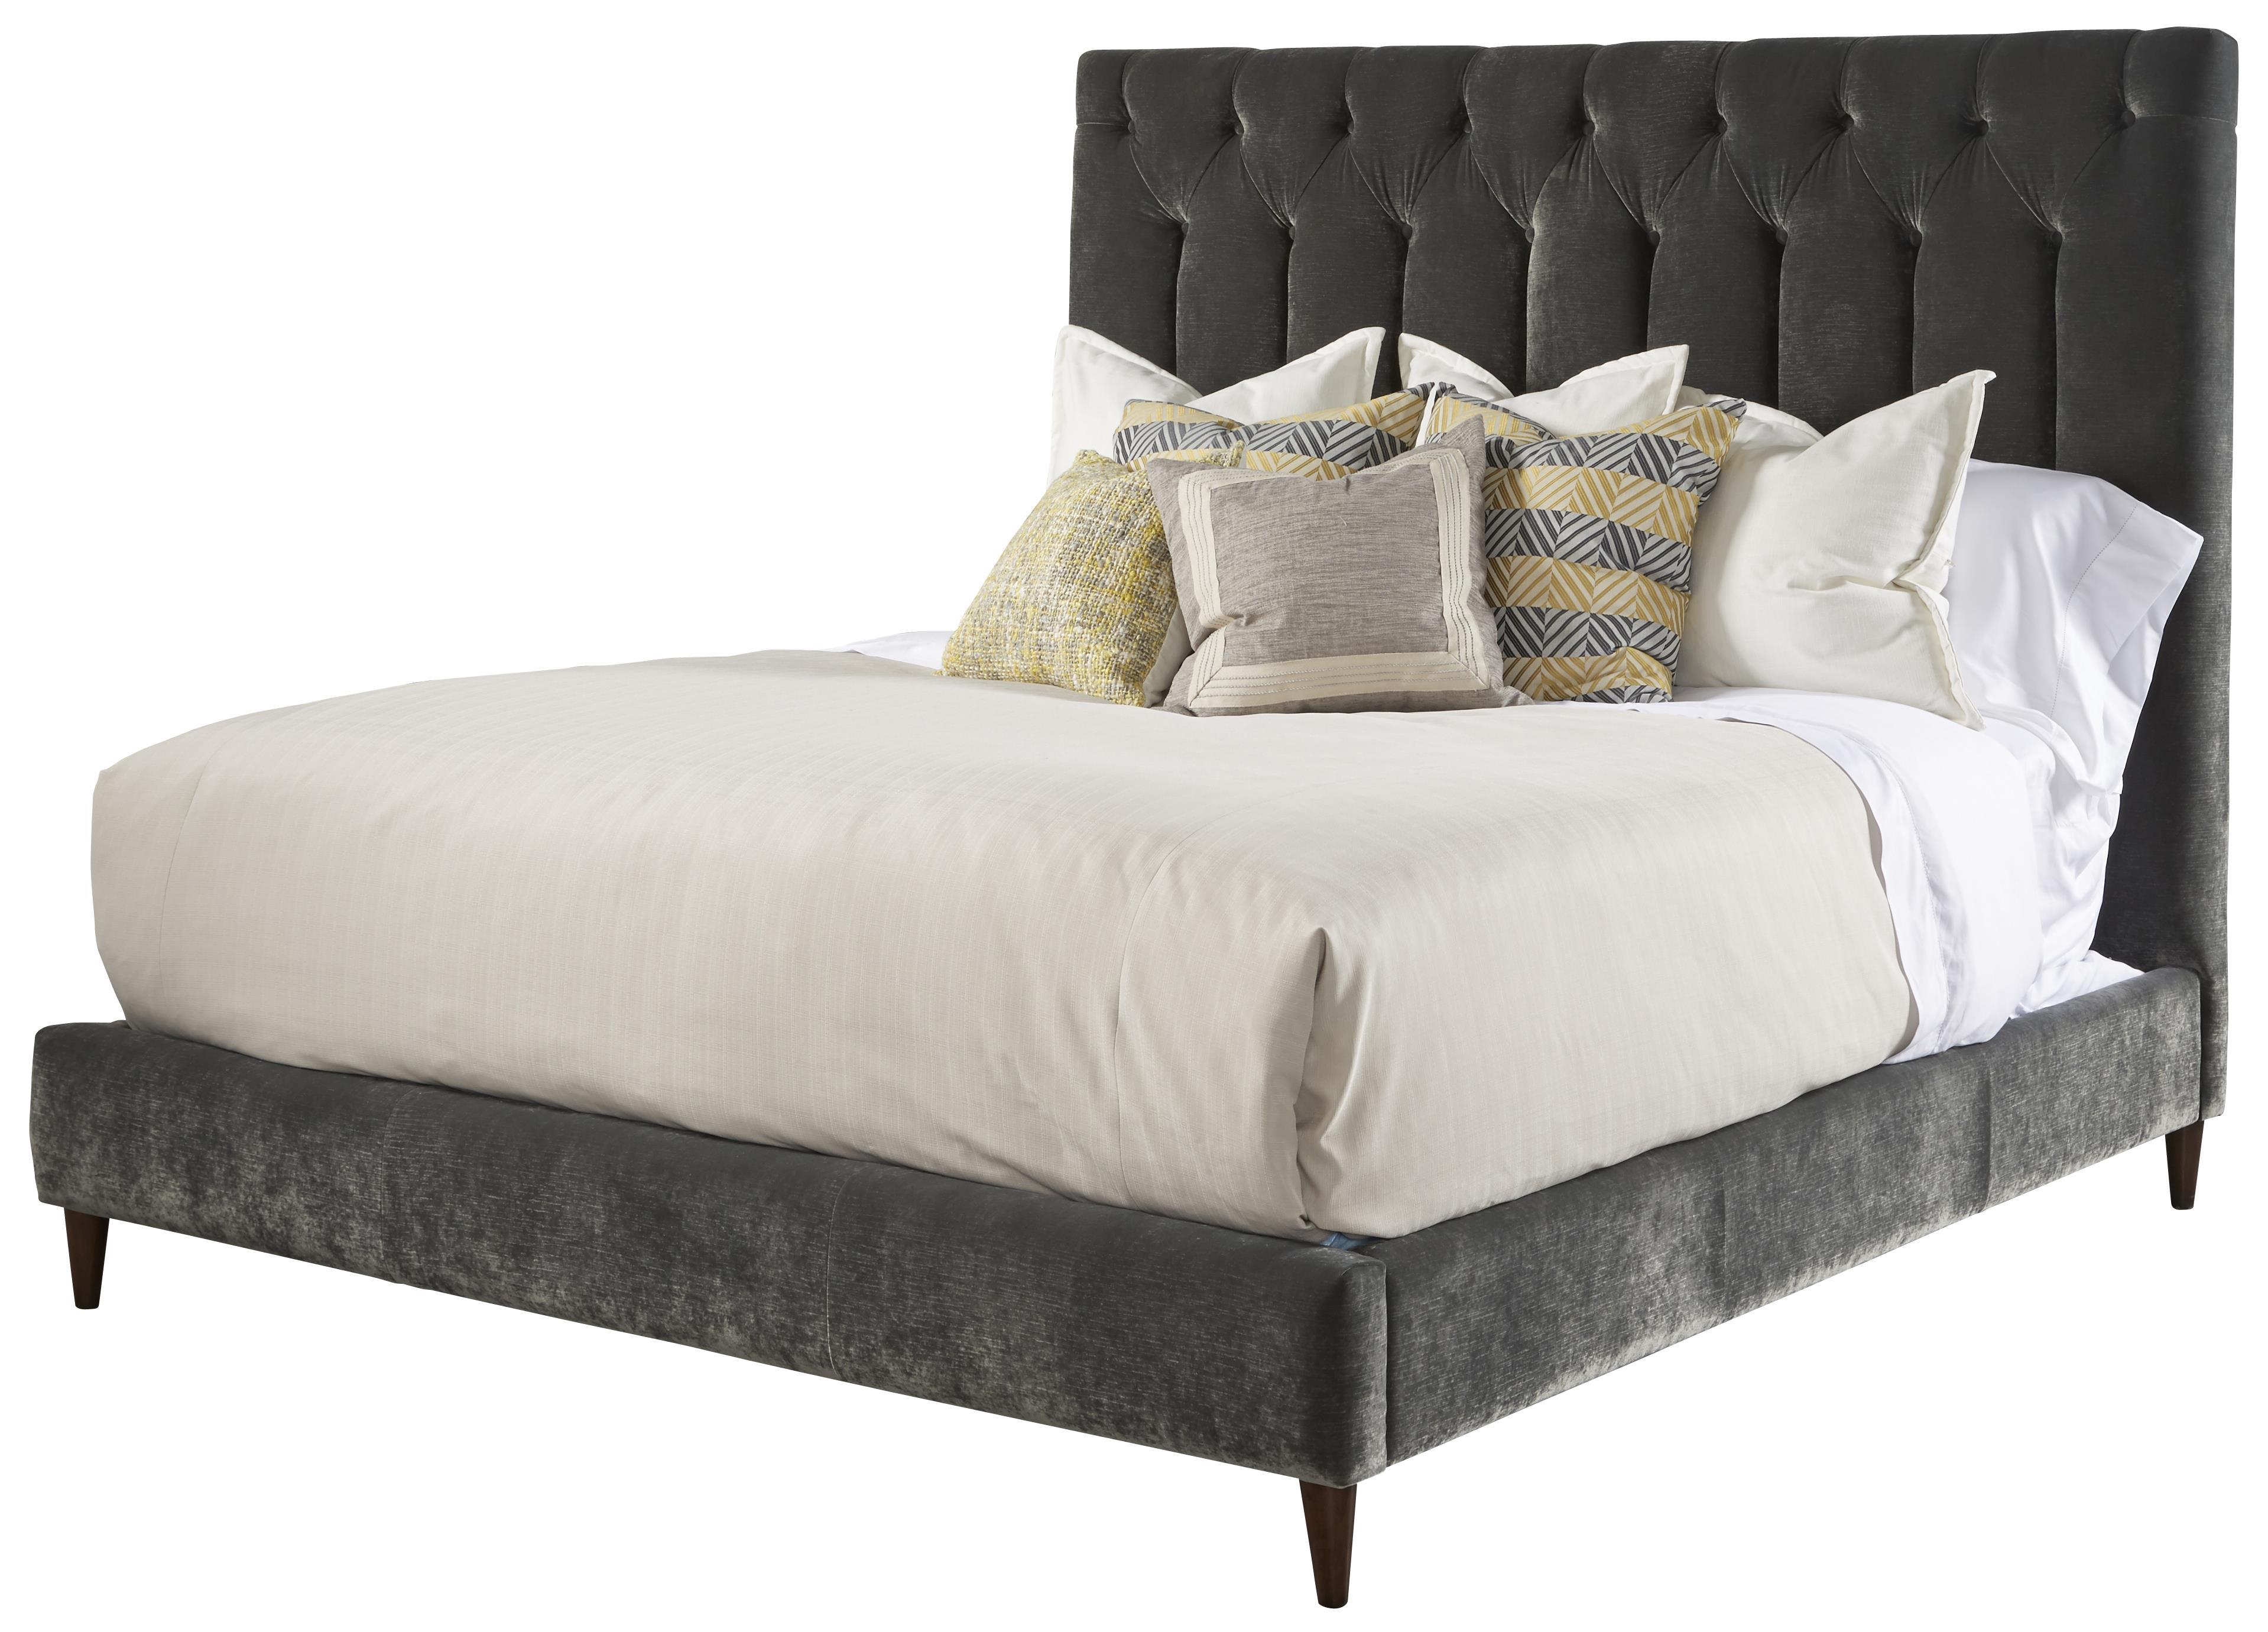 king silver lake upholstered platform bed - Upholstered Platform Bed